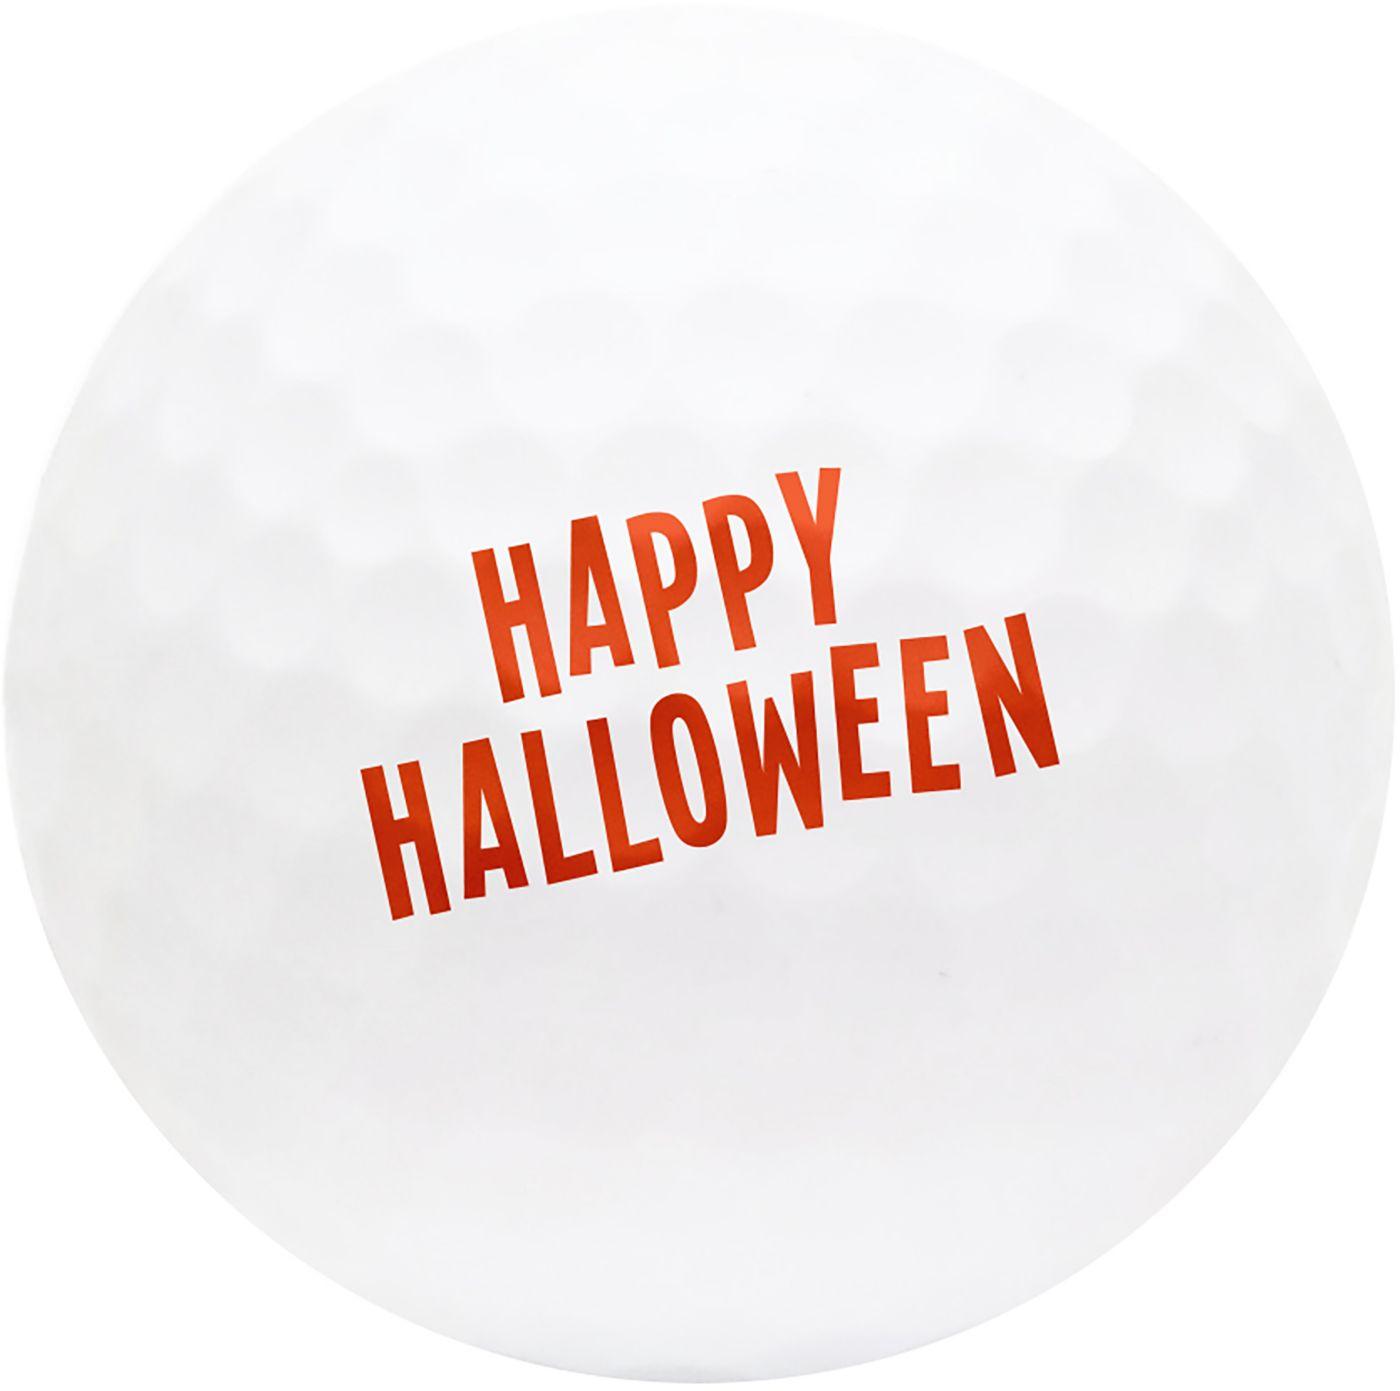 TaylorMade 2019 TP5x Halloween Novelty Golf Balls